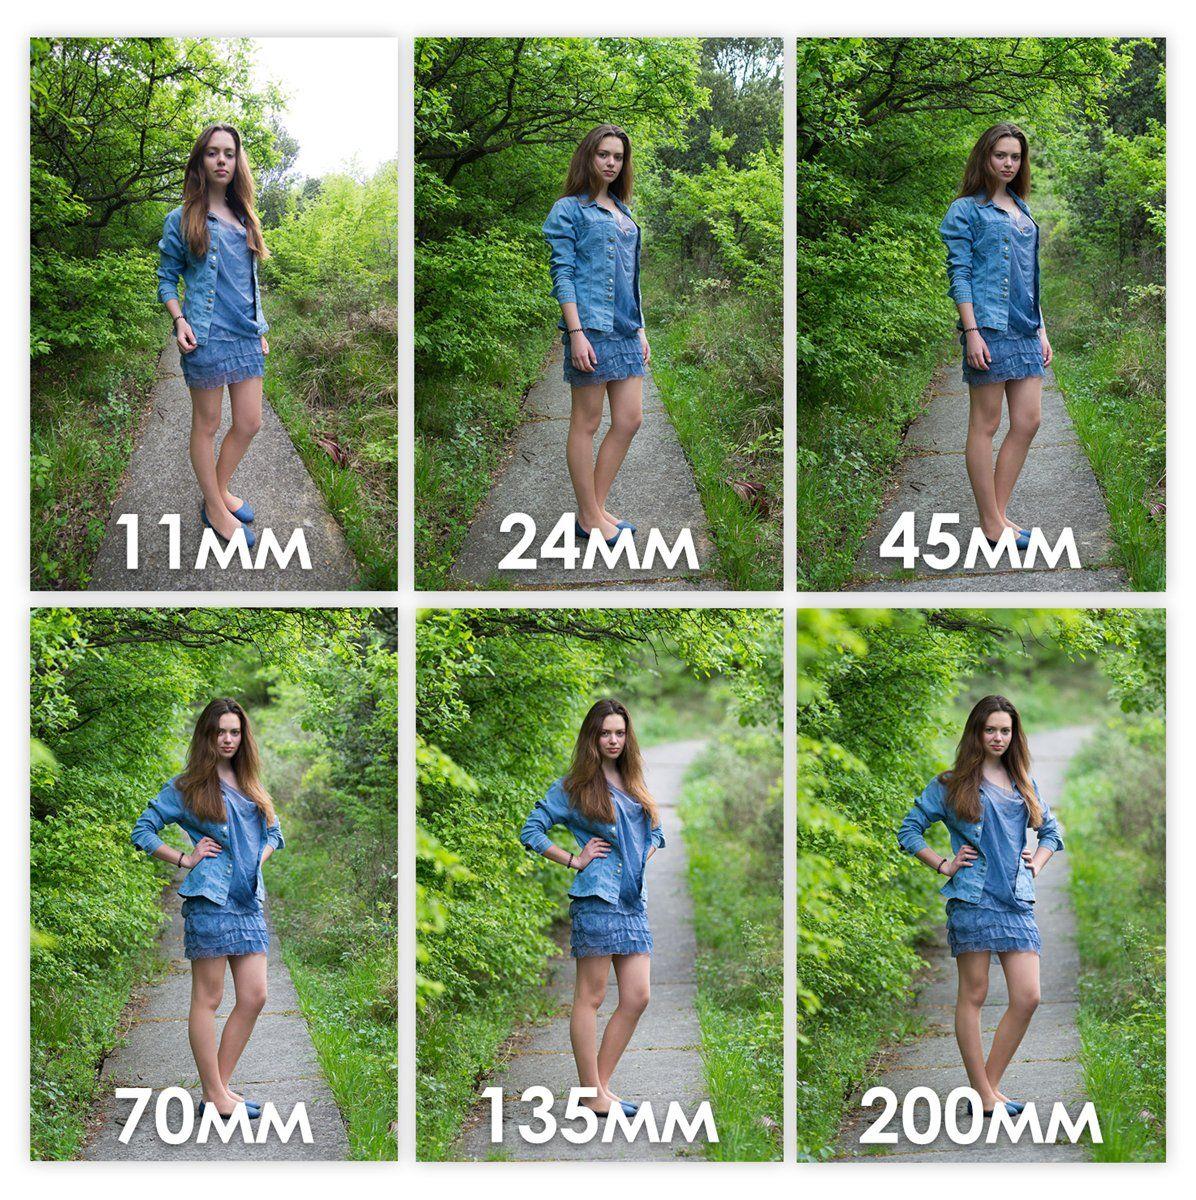 Как получить четкость в фотографии